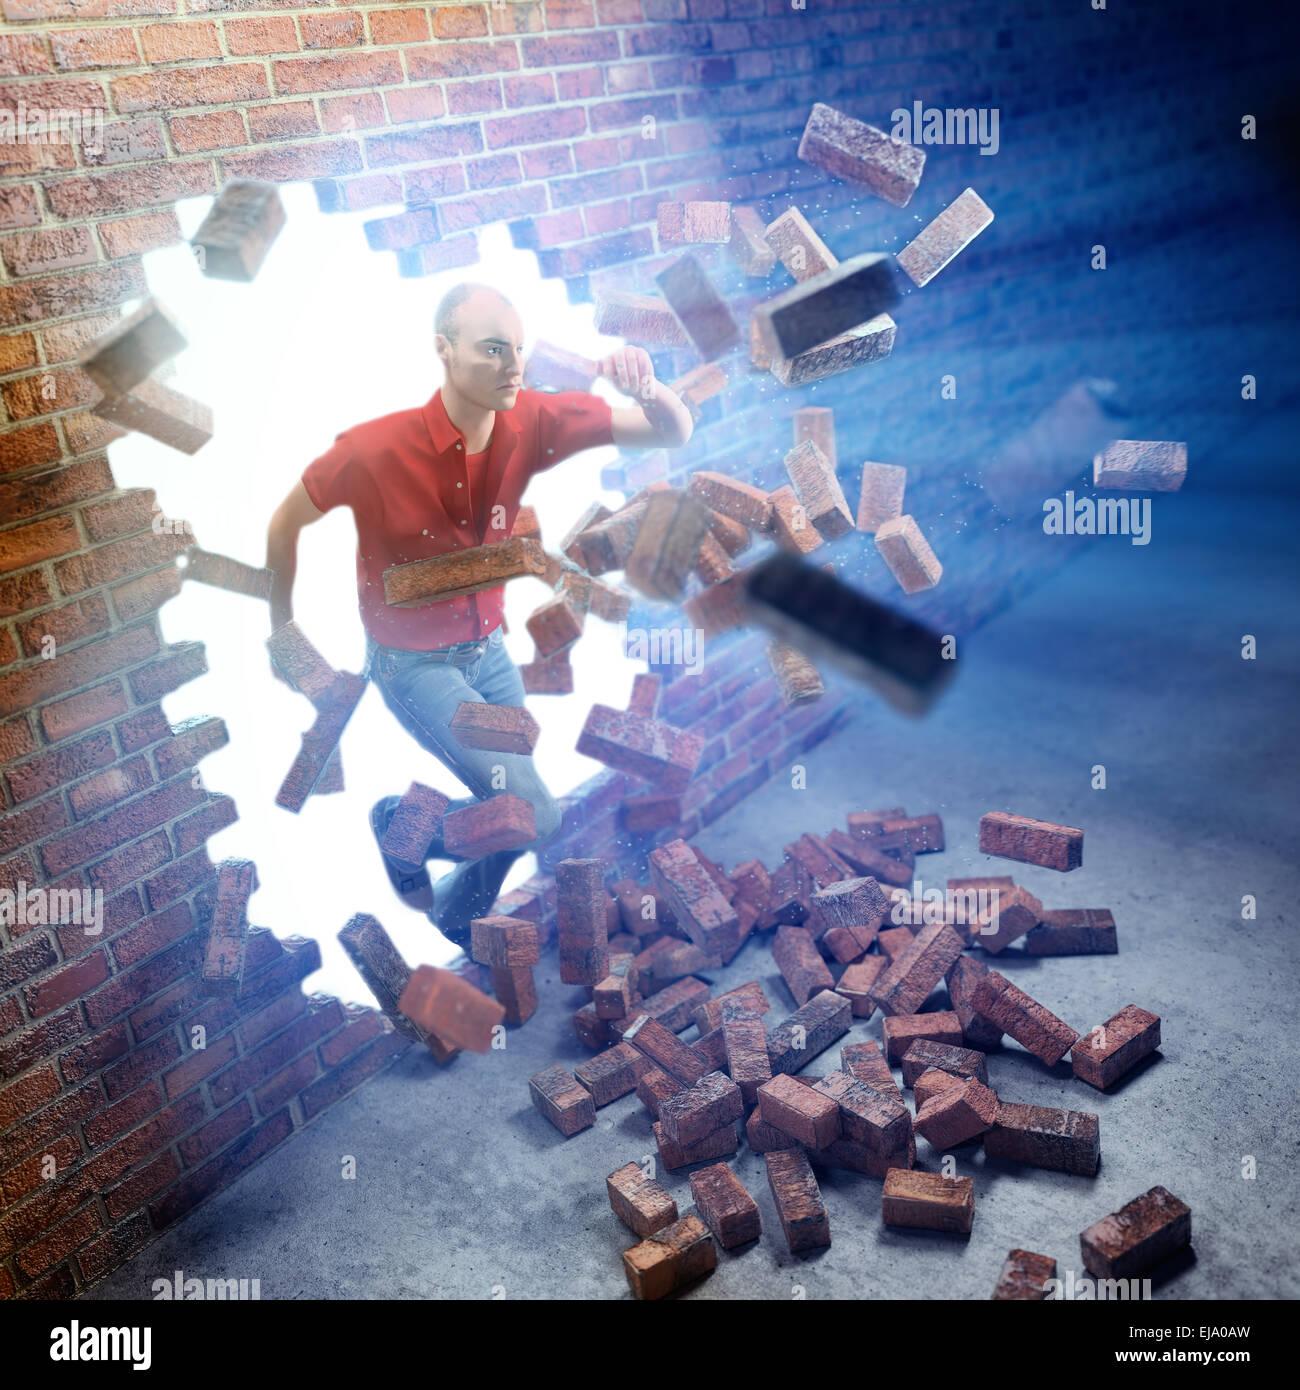 Joven corriendo a través de una pared de ladrillo Imagen De Stock